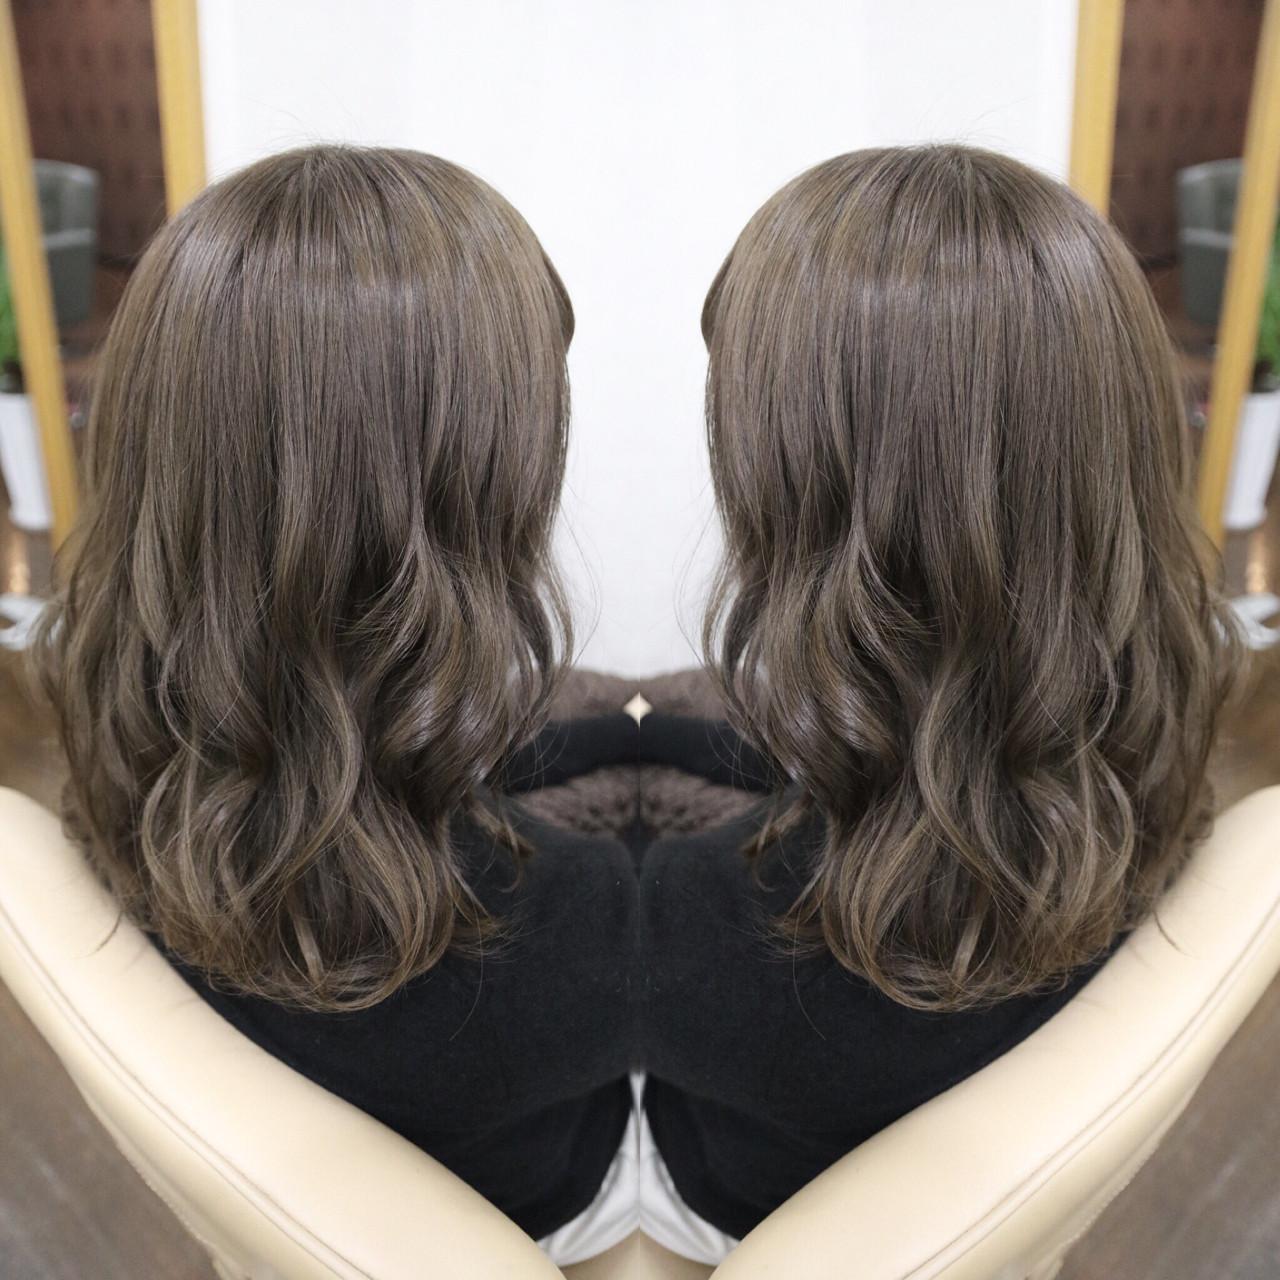 ニュアンス 大人女子 ミルクティー アッシュ ヘアスタイルや髪型の写真・画像